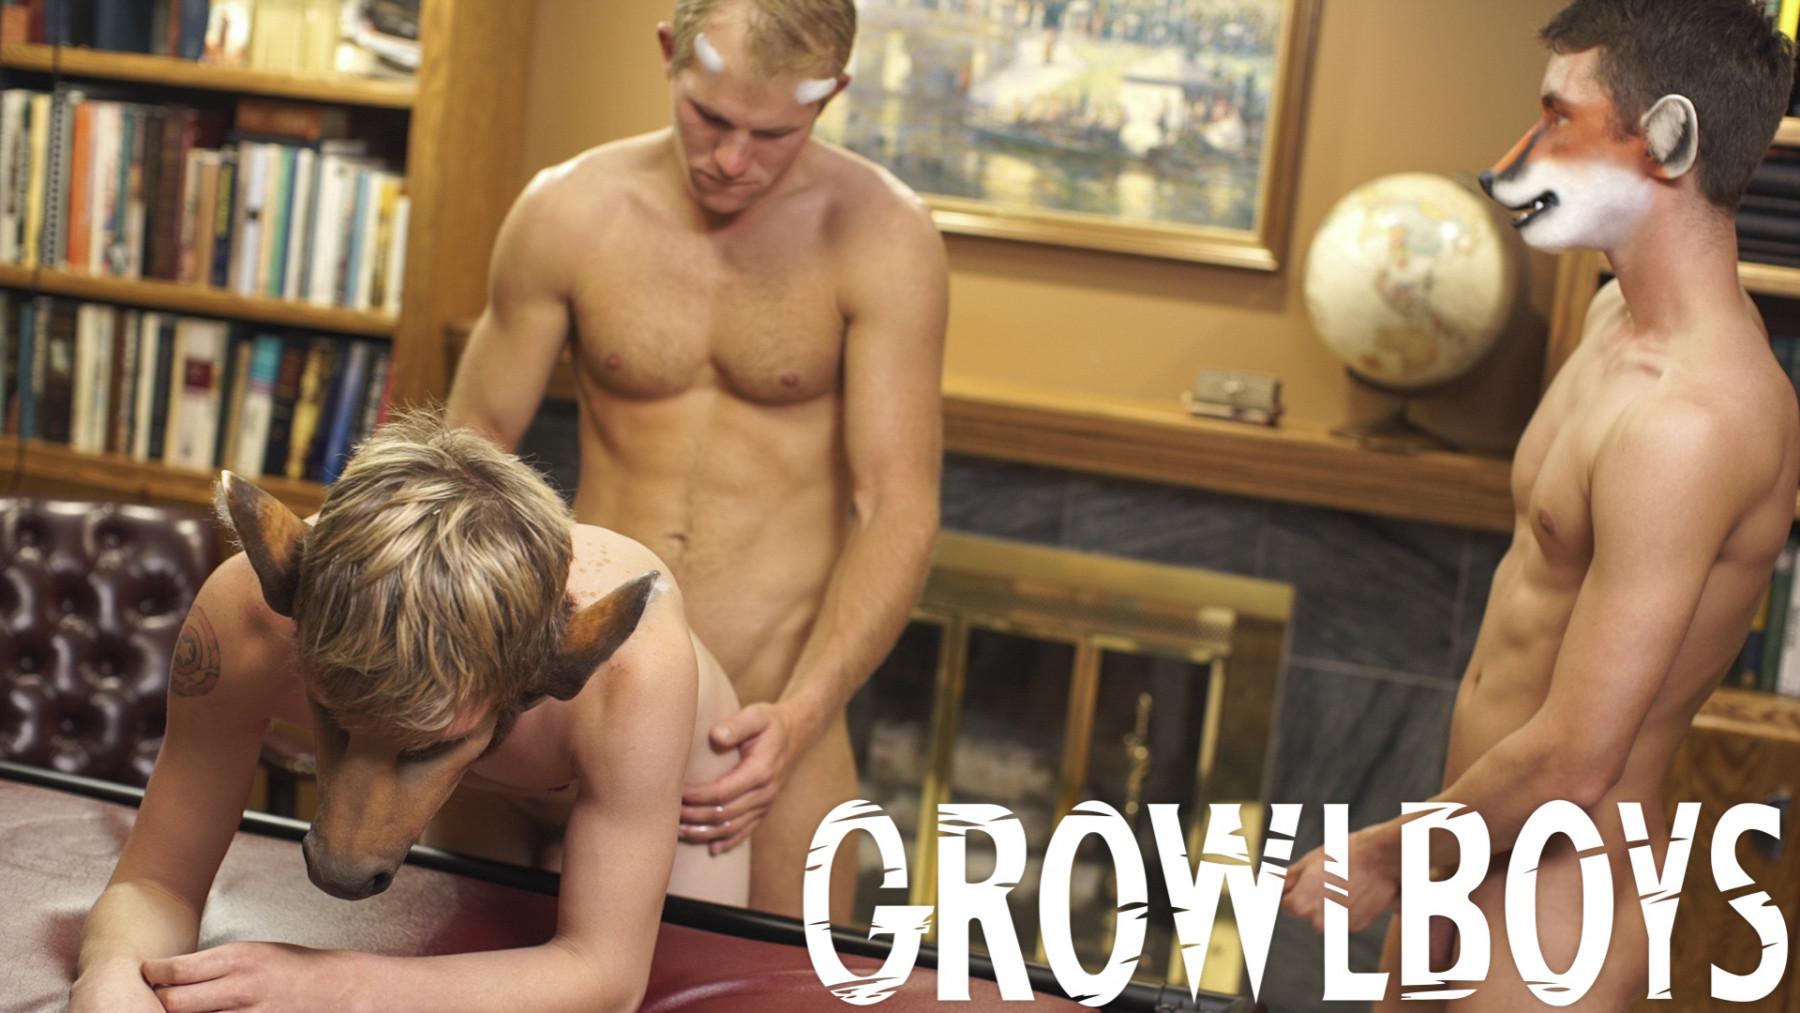 Animal Hay Porn filthy animals | growlboys gay transformation porn